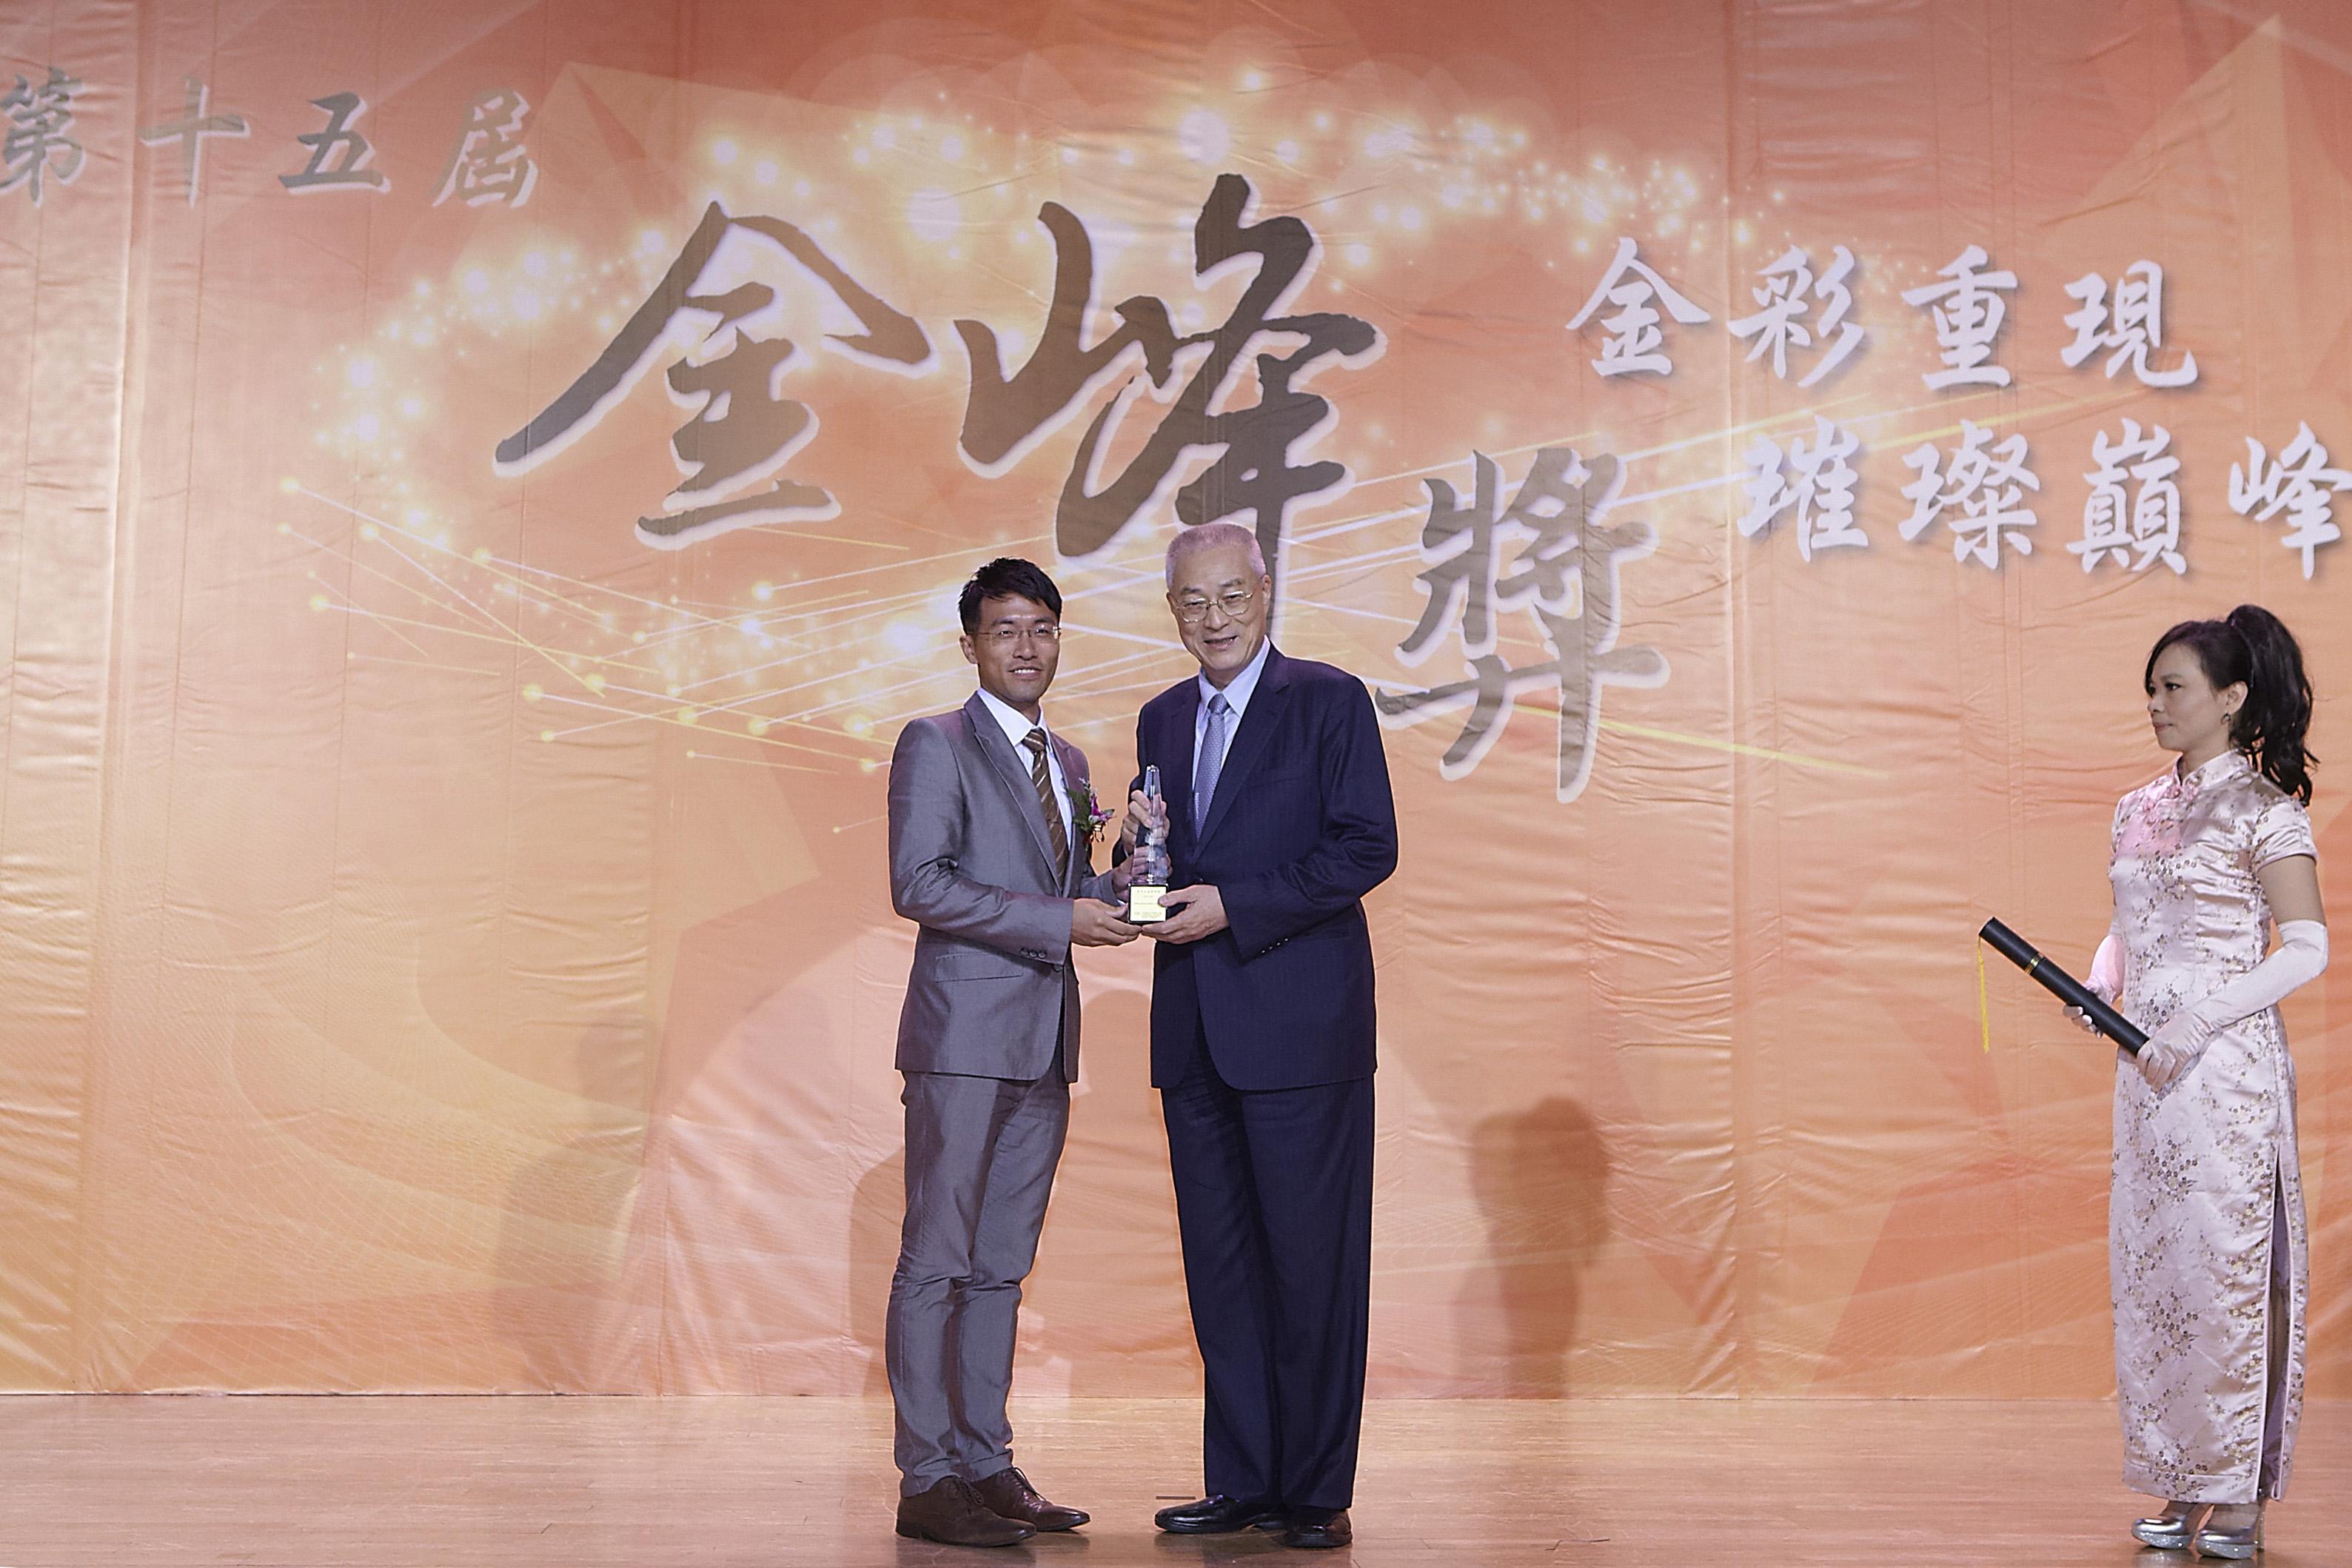 法博思陈伟志总监荣获金峰奖并与吴敦义副总统合照